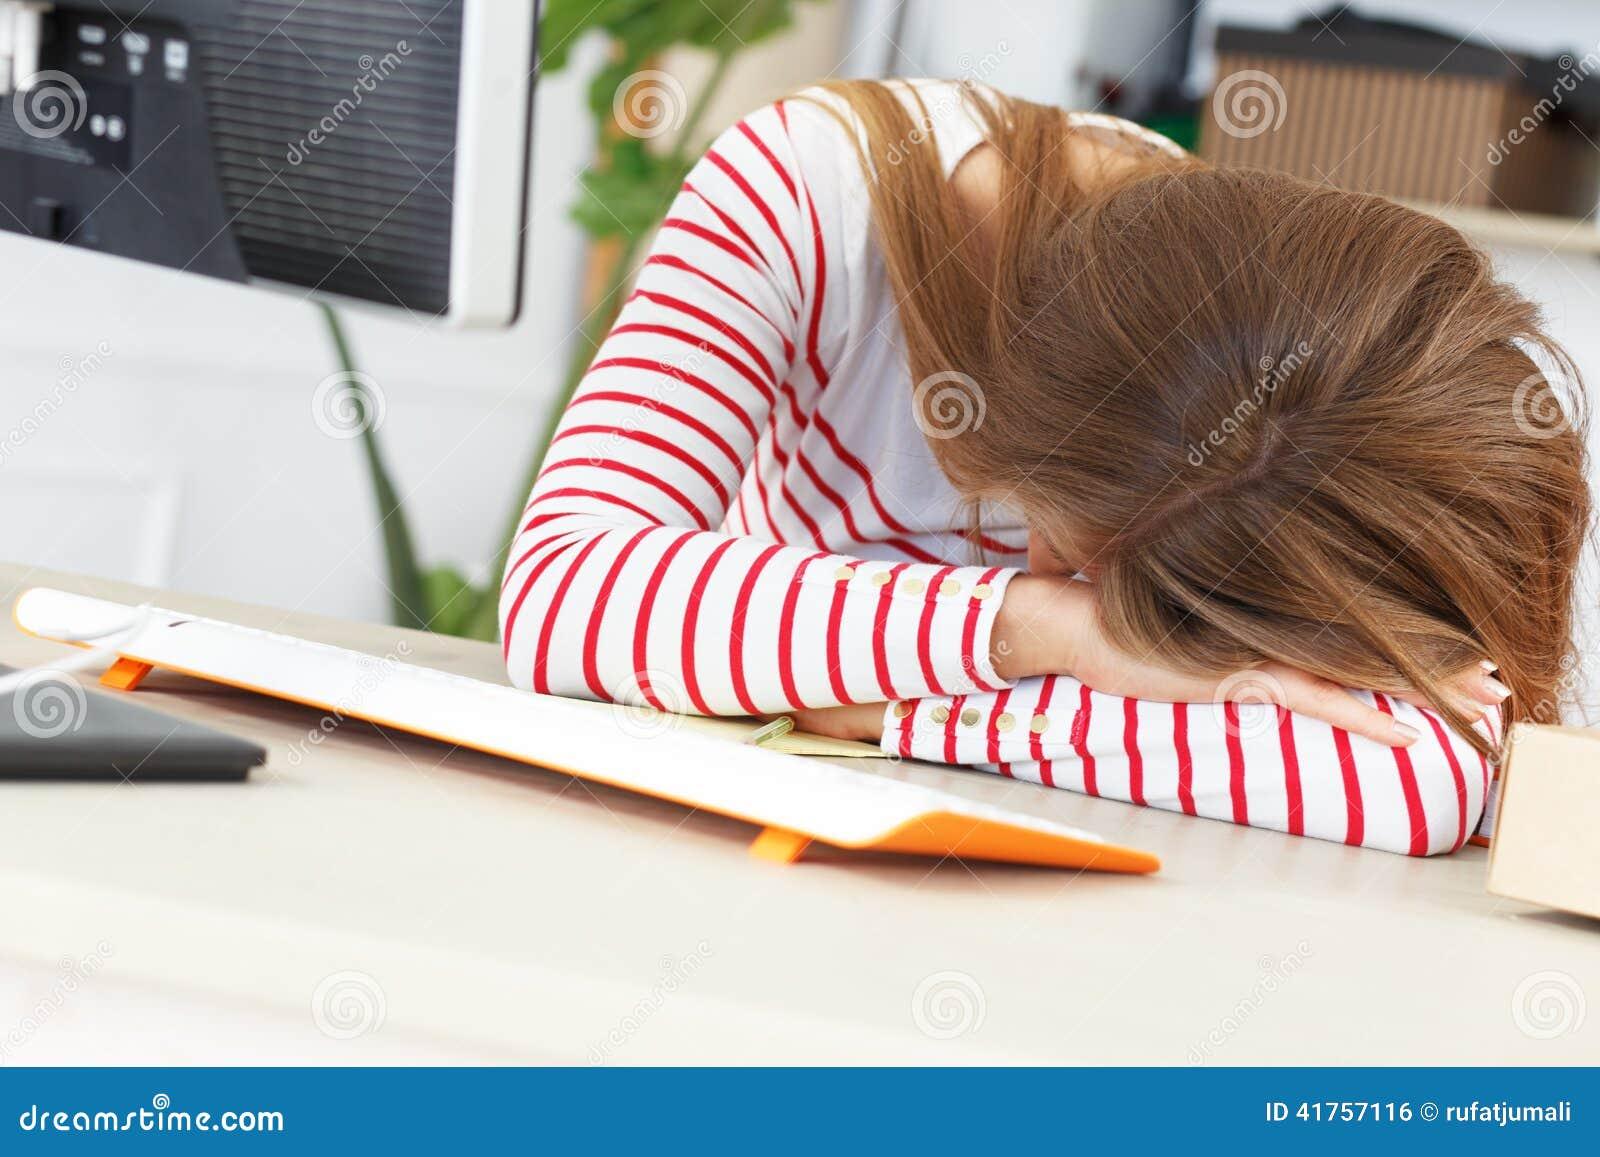 сон девушка на работе